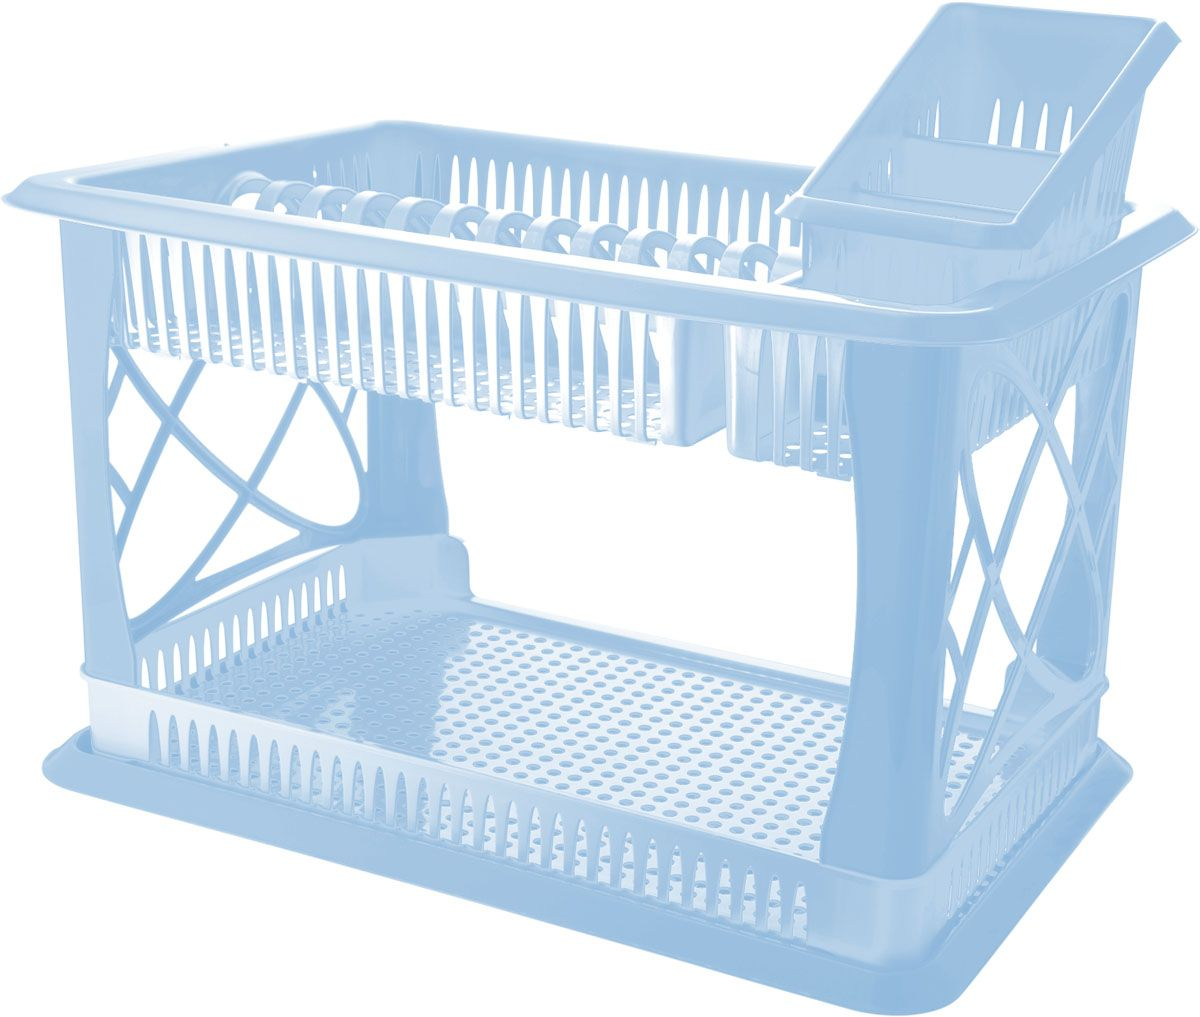 Сушилка для посуды Plastic Centre Лилия, 2-ярусная, с поддоном, с сушилкой для столовых приборов, цвет: голубой, 49 х 17,5 х 32,5 смПЦ1558МРДвухъярусная сушилка для посуды выполнена из пластика. Изделие оснащено поддоном для стекания воды и подставкой для столовых приборов и стаканов. Сушилка может быть установлена как на столе, так и подвешена на стену при помощи крючков (не входят в комплект). Размер сушилки (с учетом подставок): 49 х 17,5 х 32,5 см.Размер поддона: 47 х 30 х 2,5 см.